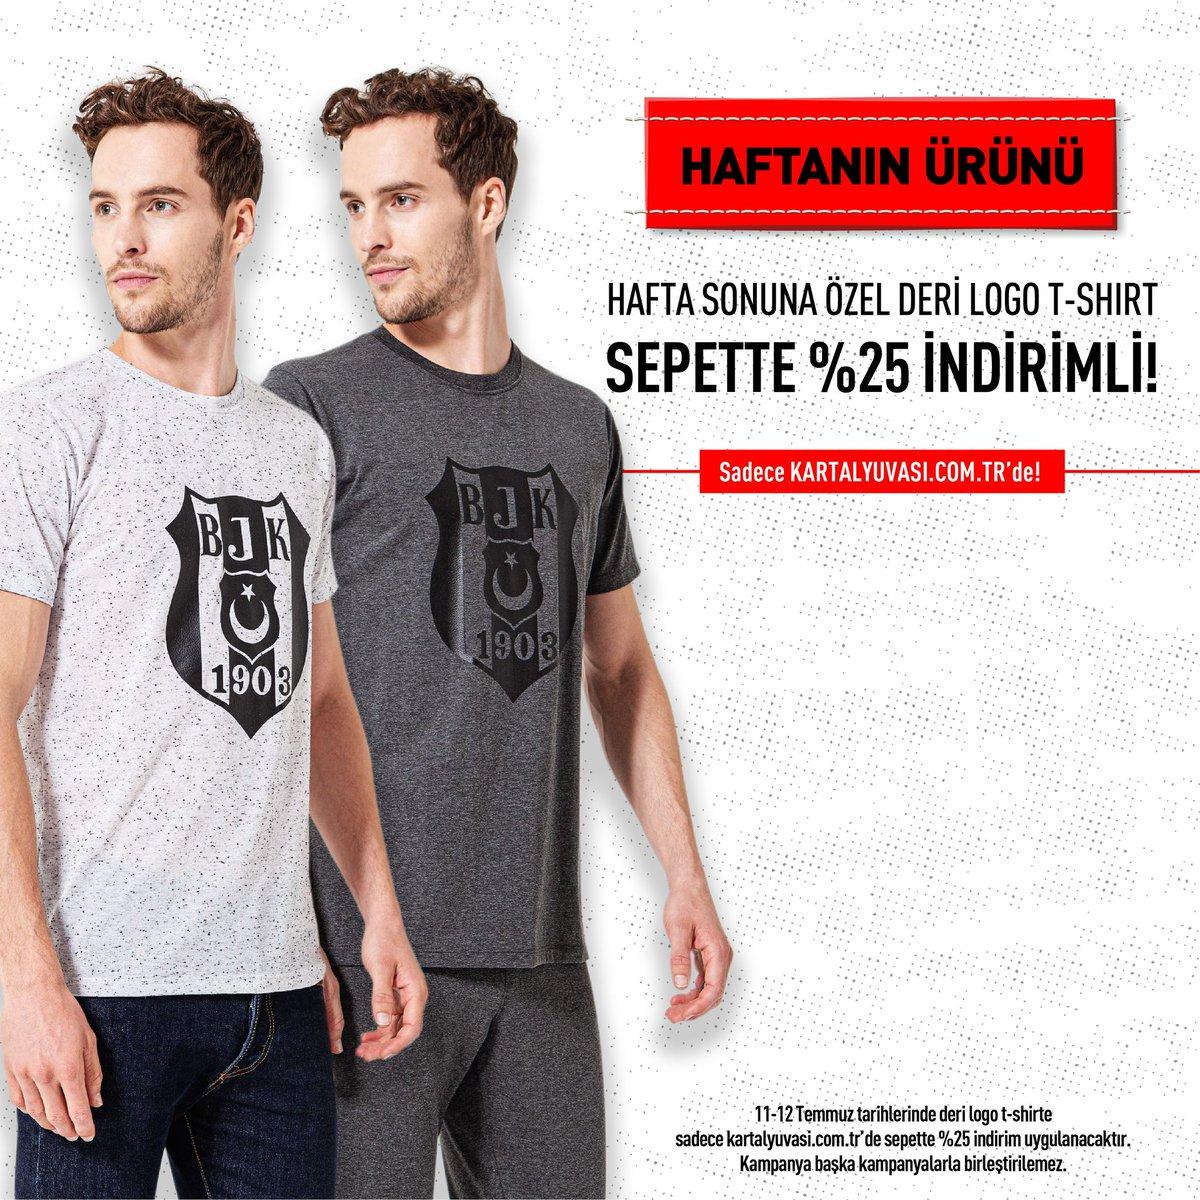 Haftanın ürünü deri logo t-shirt sepette %25 indirimli⚫⚪  Alışveriş için:https://t.co/ehj3dQRxXB  *Sadecehttps://t.co/Wa4dwEAvfY'de geçerlidir. https://t.co/mnHGddQRpd